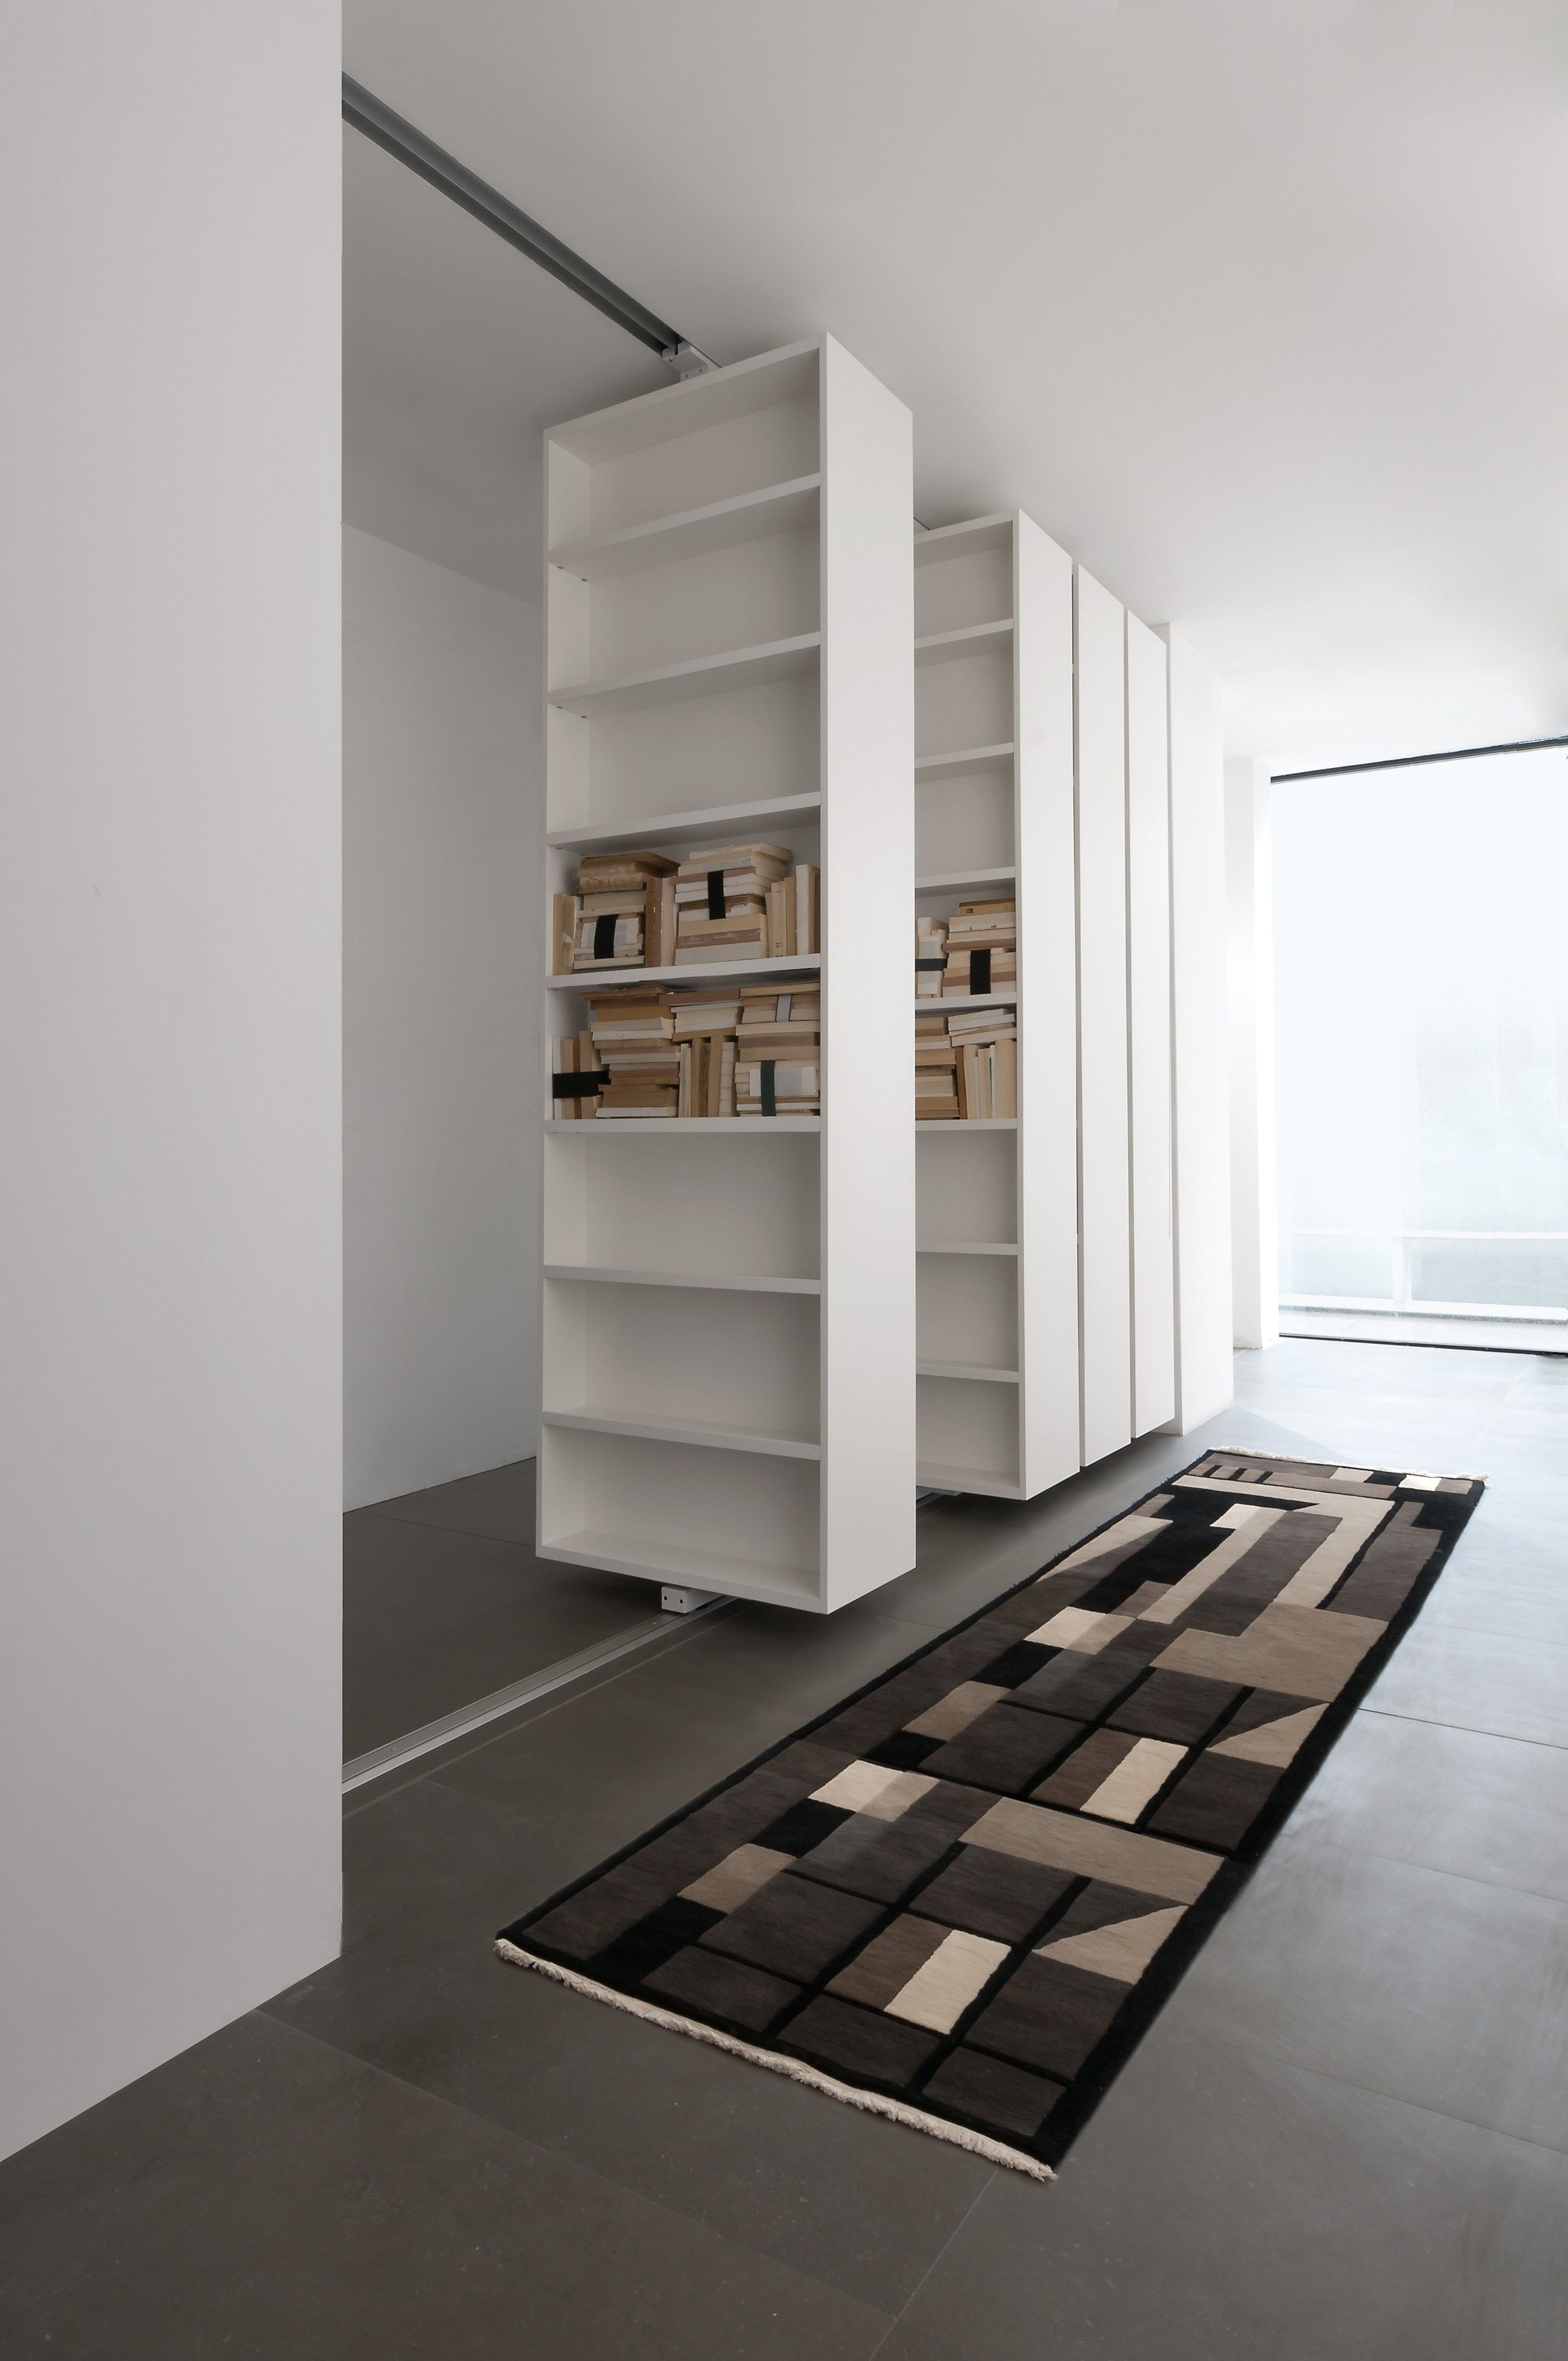 Albed Libreria Girevole Prezzo libreria divisoria girevole vista by albed by delmonte